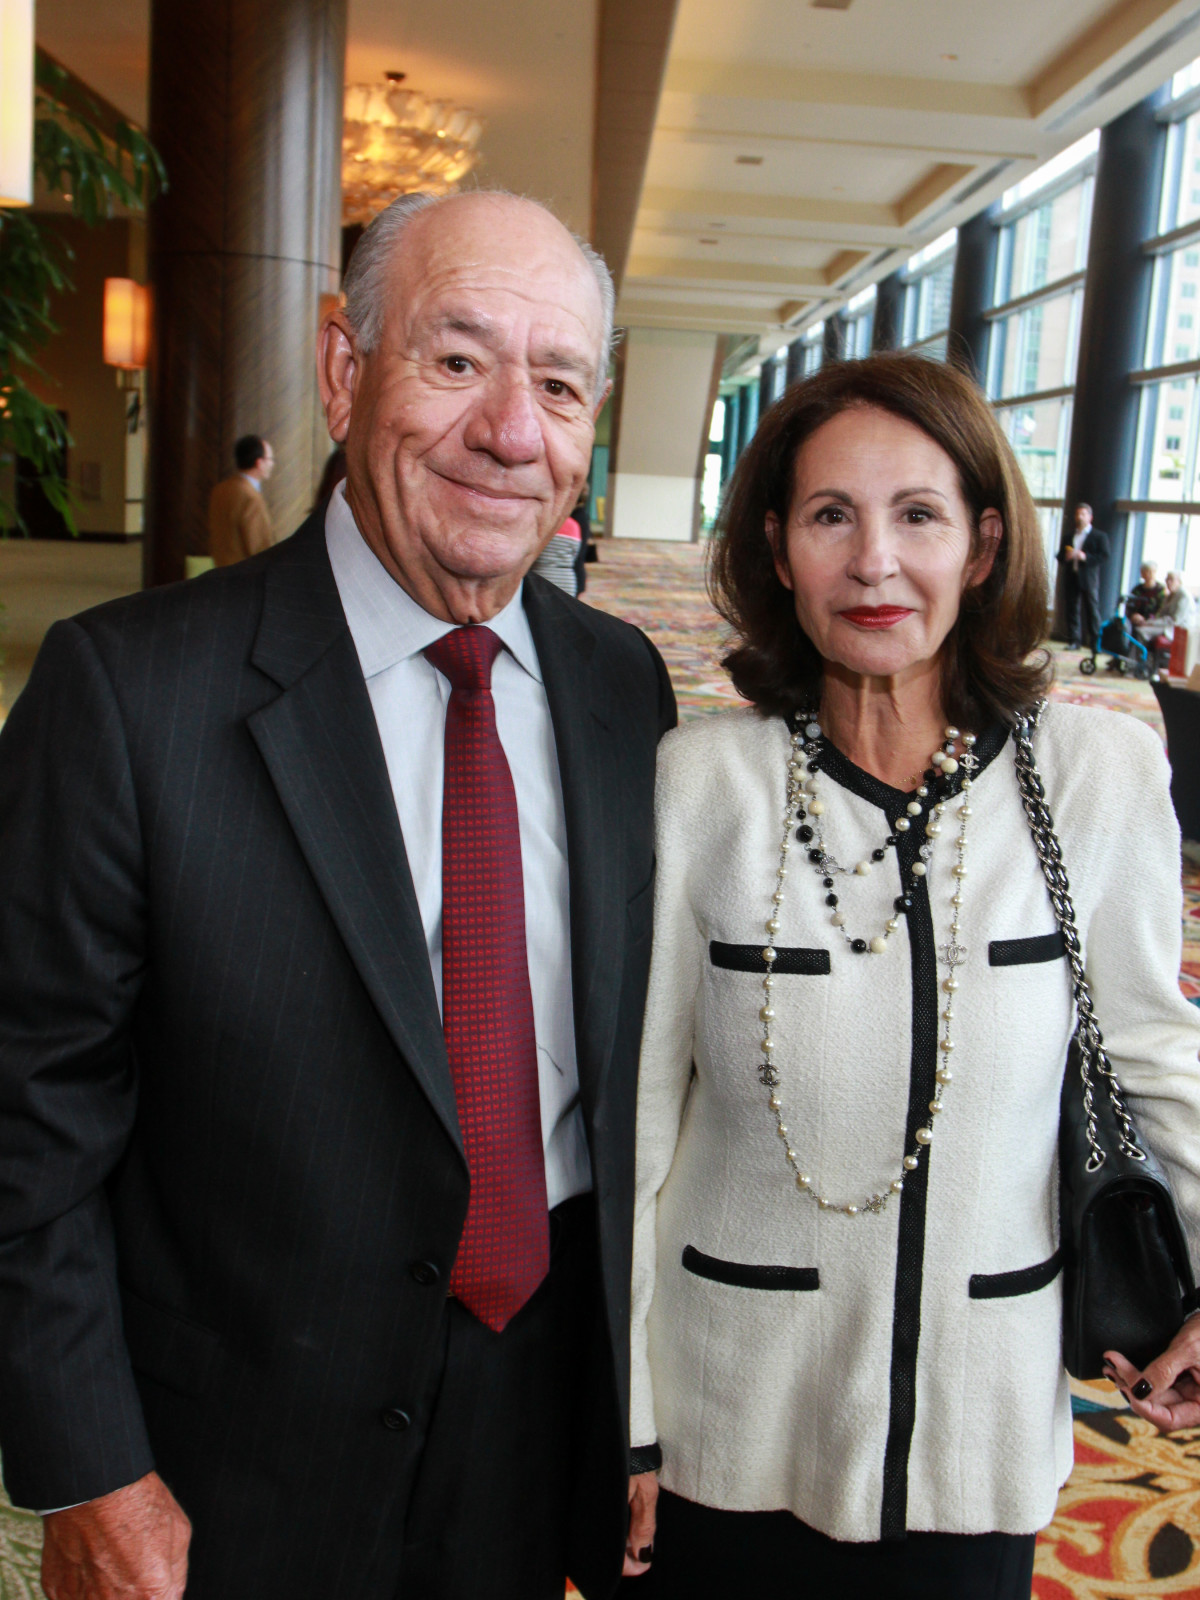 News, Shelby, Holocaust museum luncheon, Nov. 2015,  Rigo Flores, Araceli Flores.